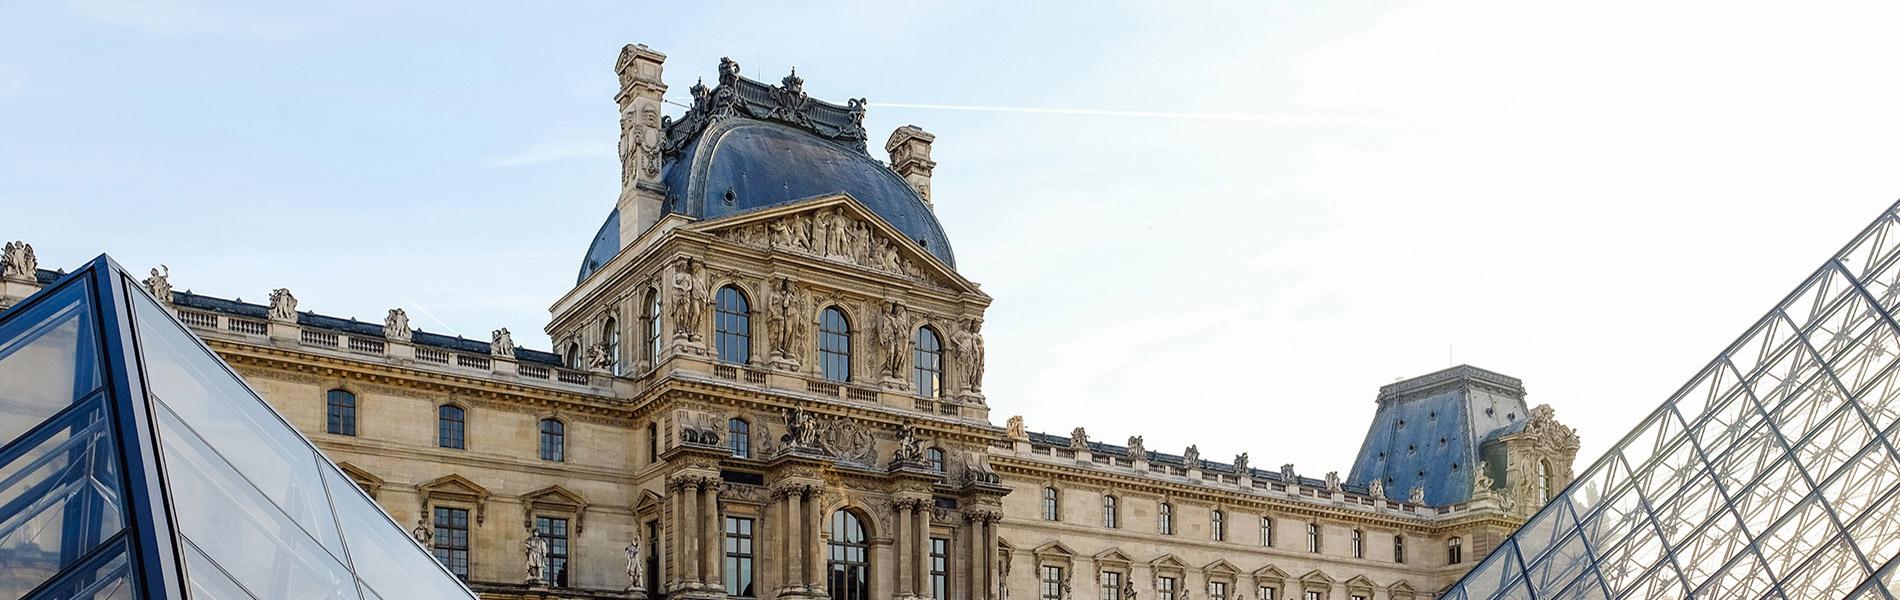 Louvre exterior, Paris, France